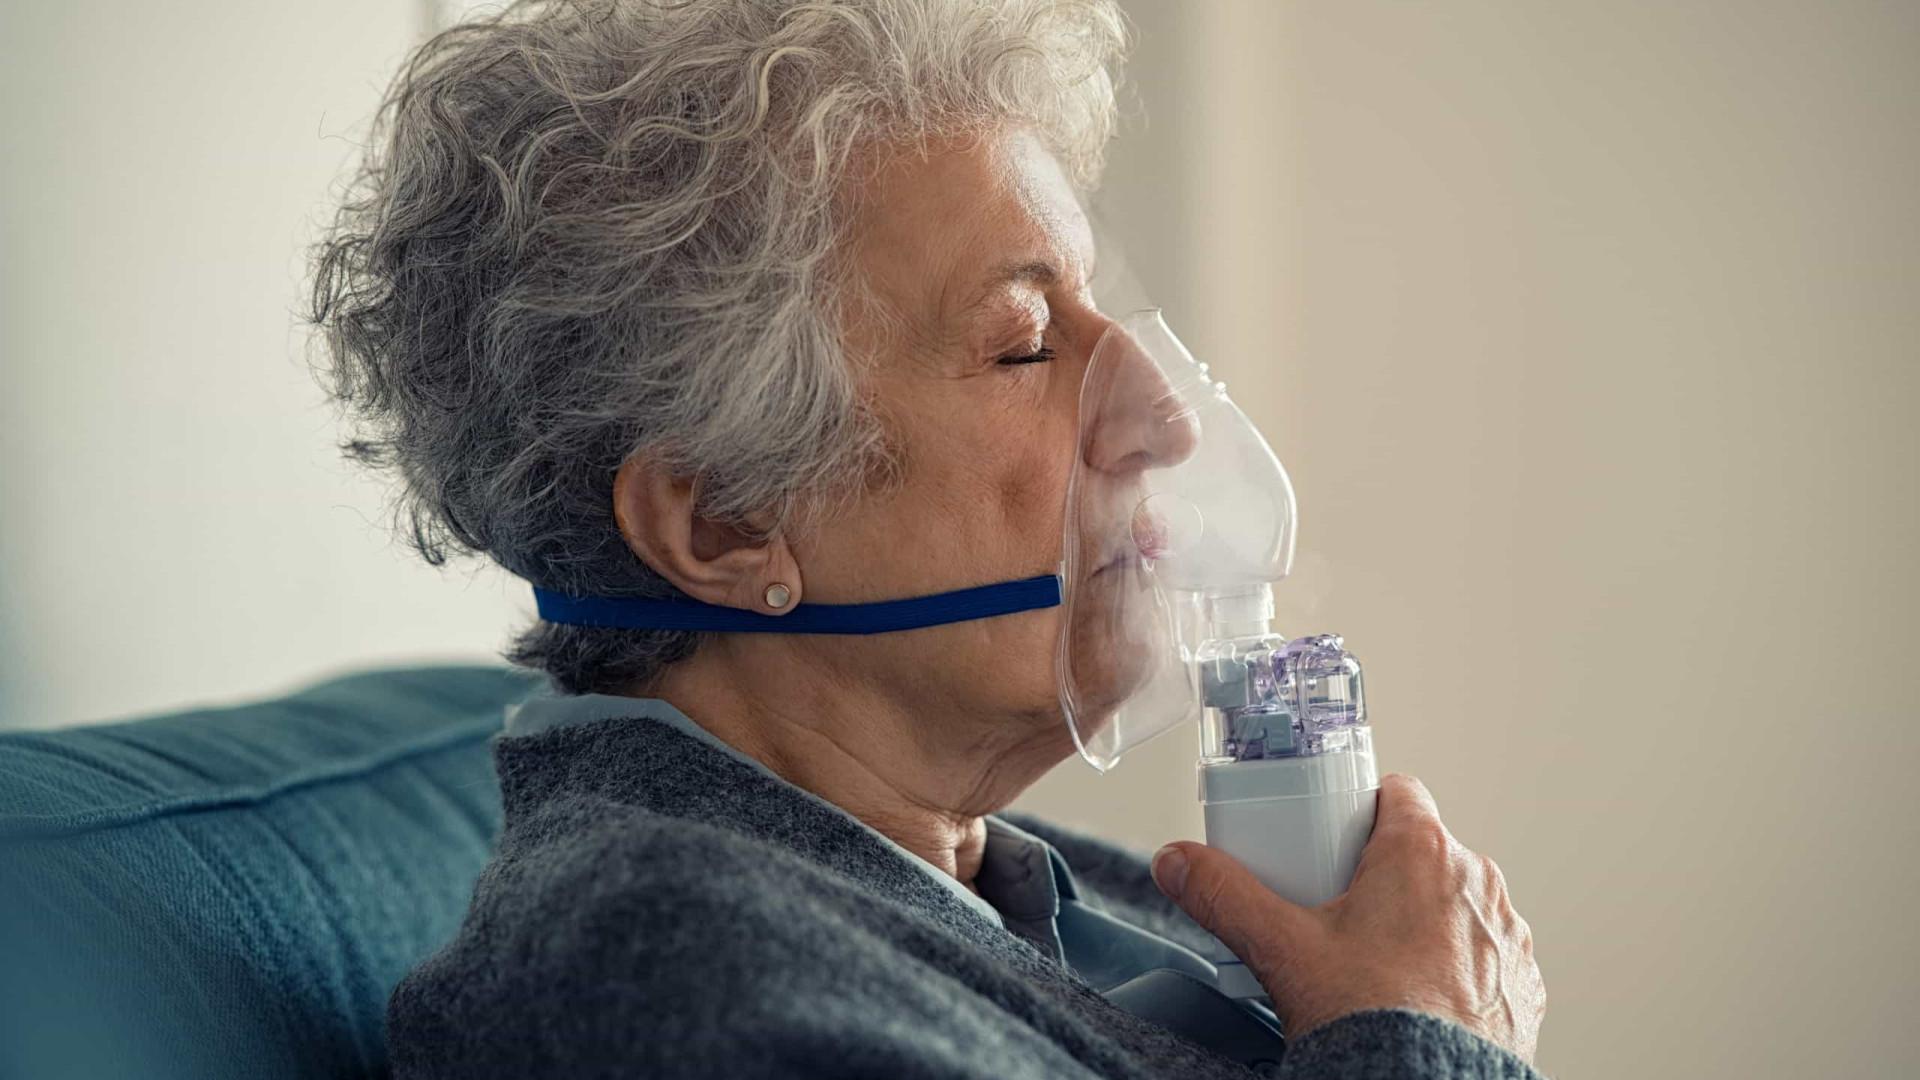 Nebulização com hidroxicloroquina: entenda quais são os riscos